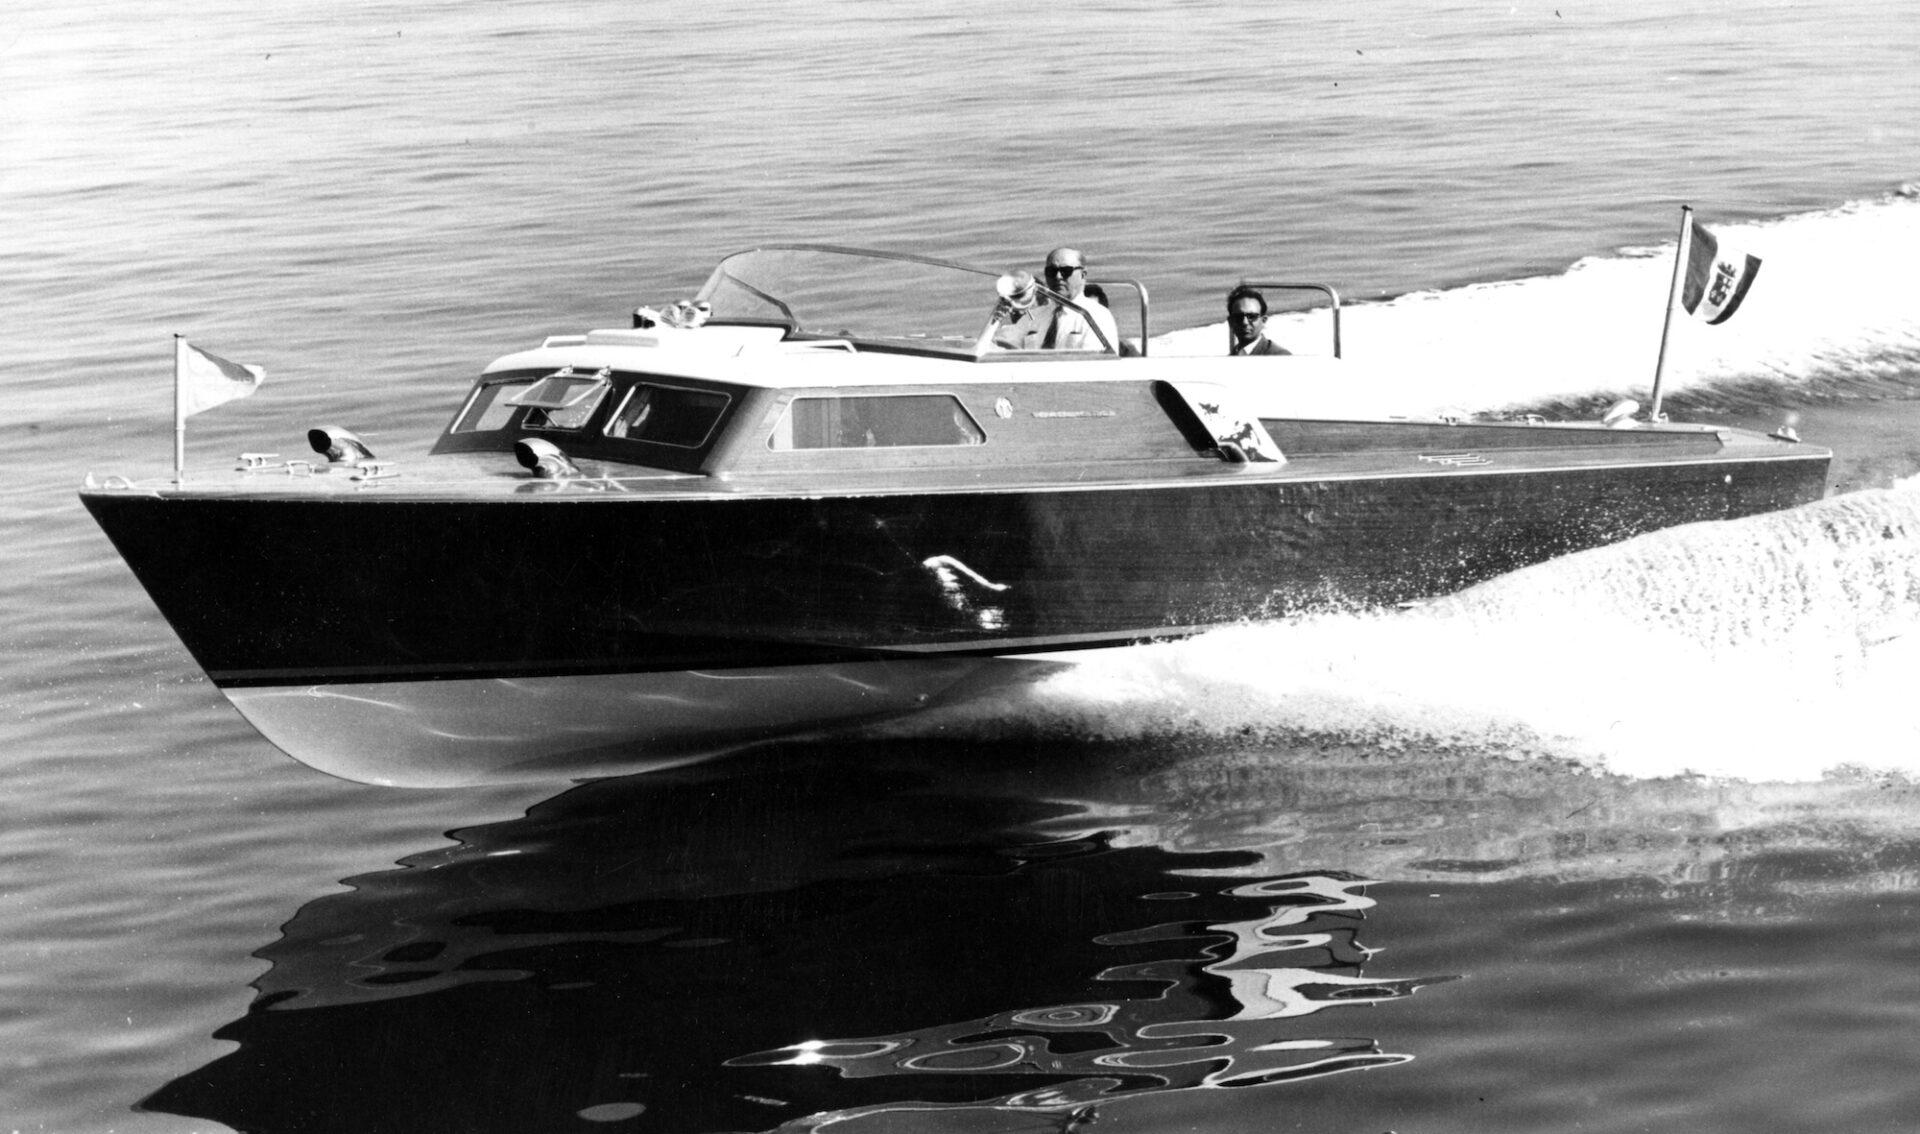 1958 – Leopolda motoscafo per Giovanni Agnelli